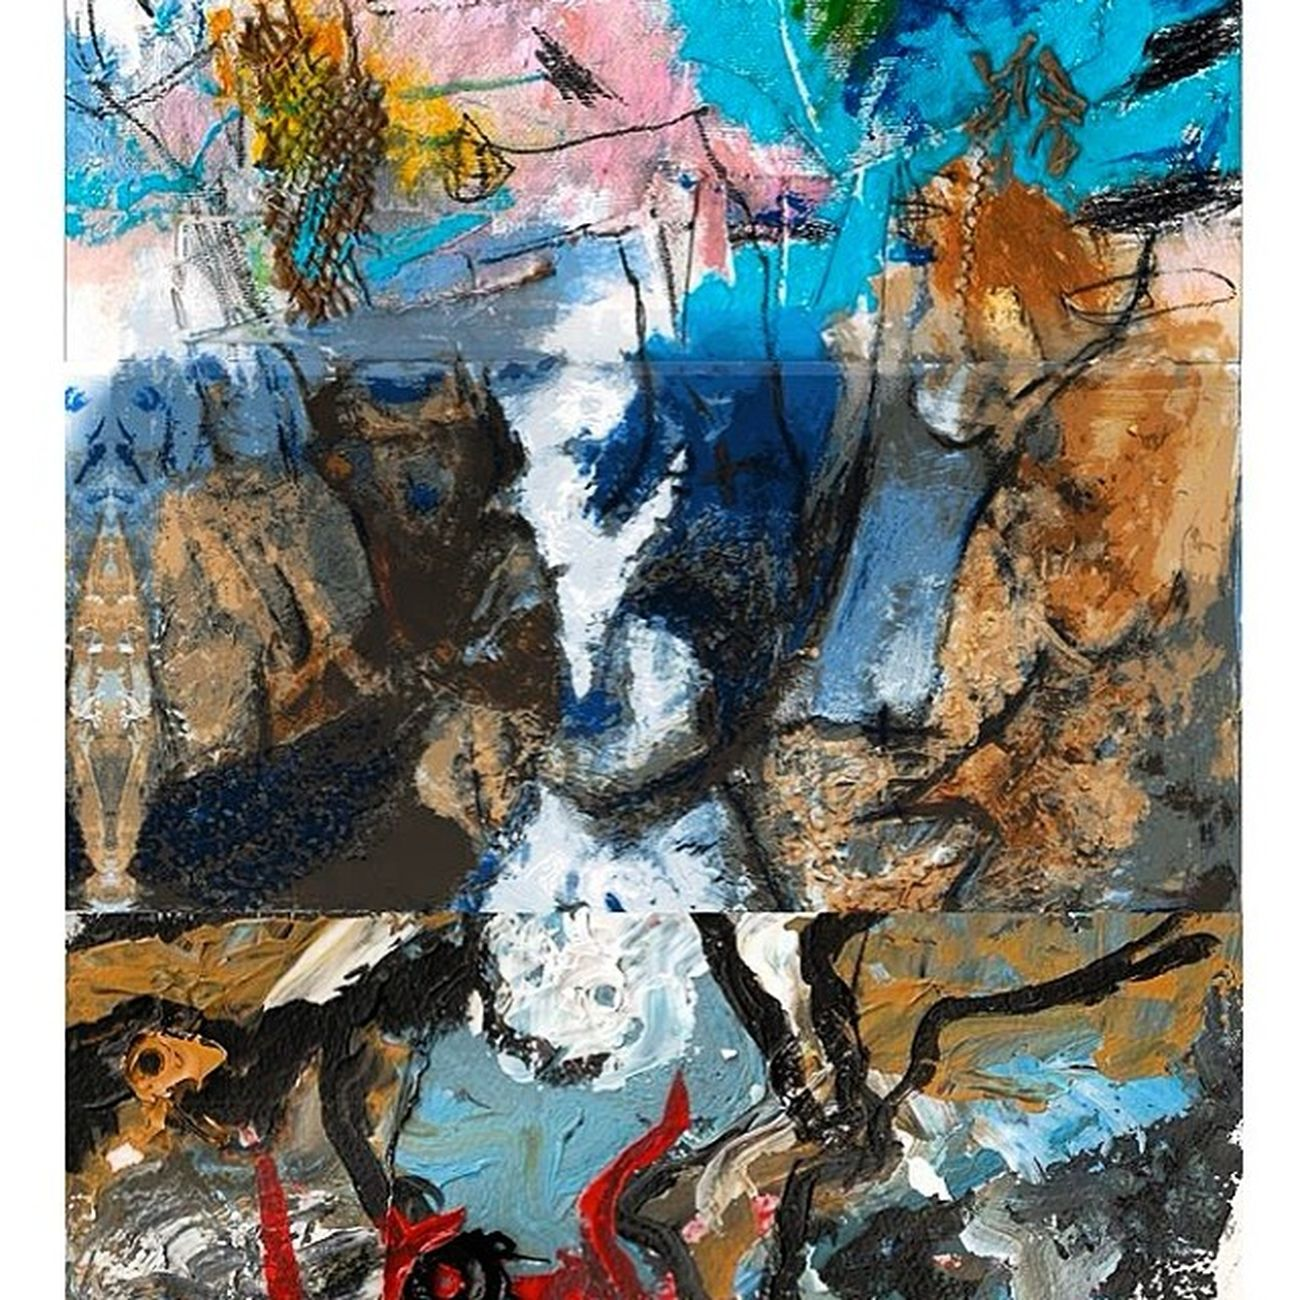 Cadáver Exquisito realizado por 3 artistas con 3 técnicas diferentes, Acojonante Cadáverexquisito Jortubia Negua